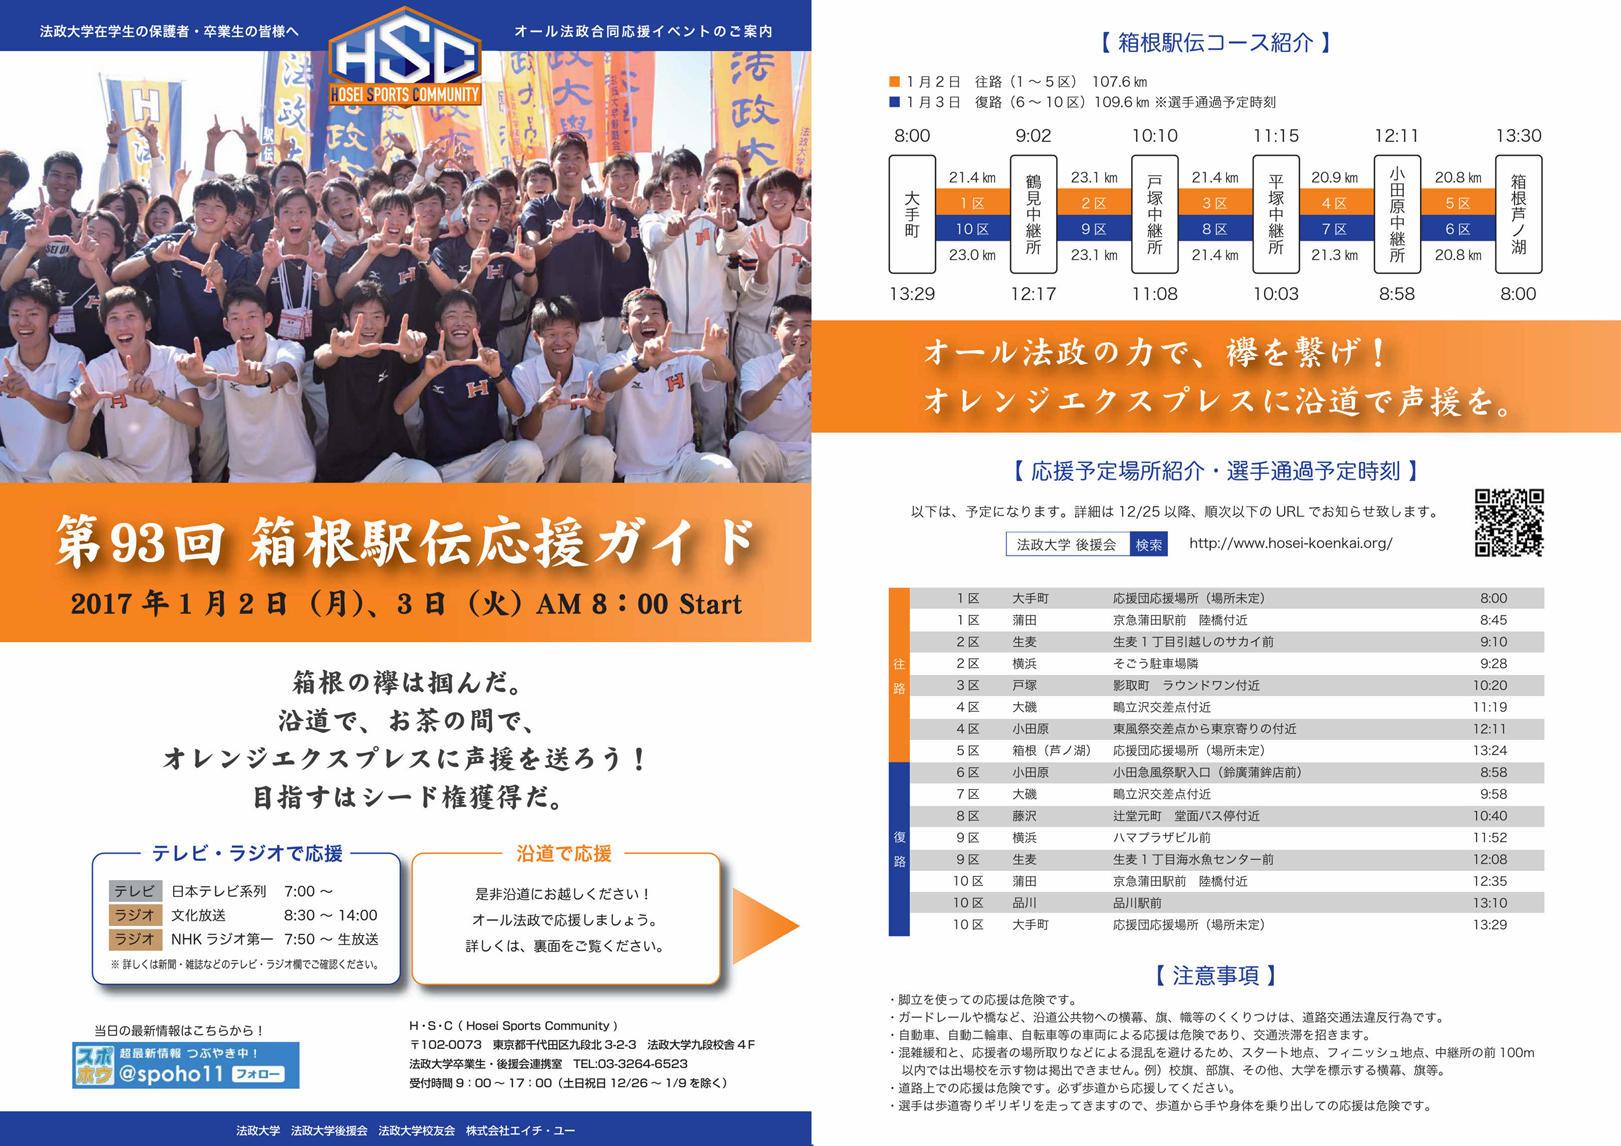 第93回箱根駅伝応援チラシ_M.jpg